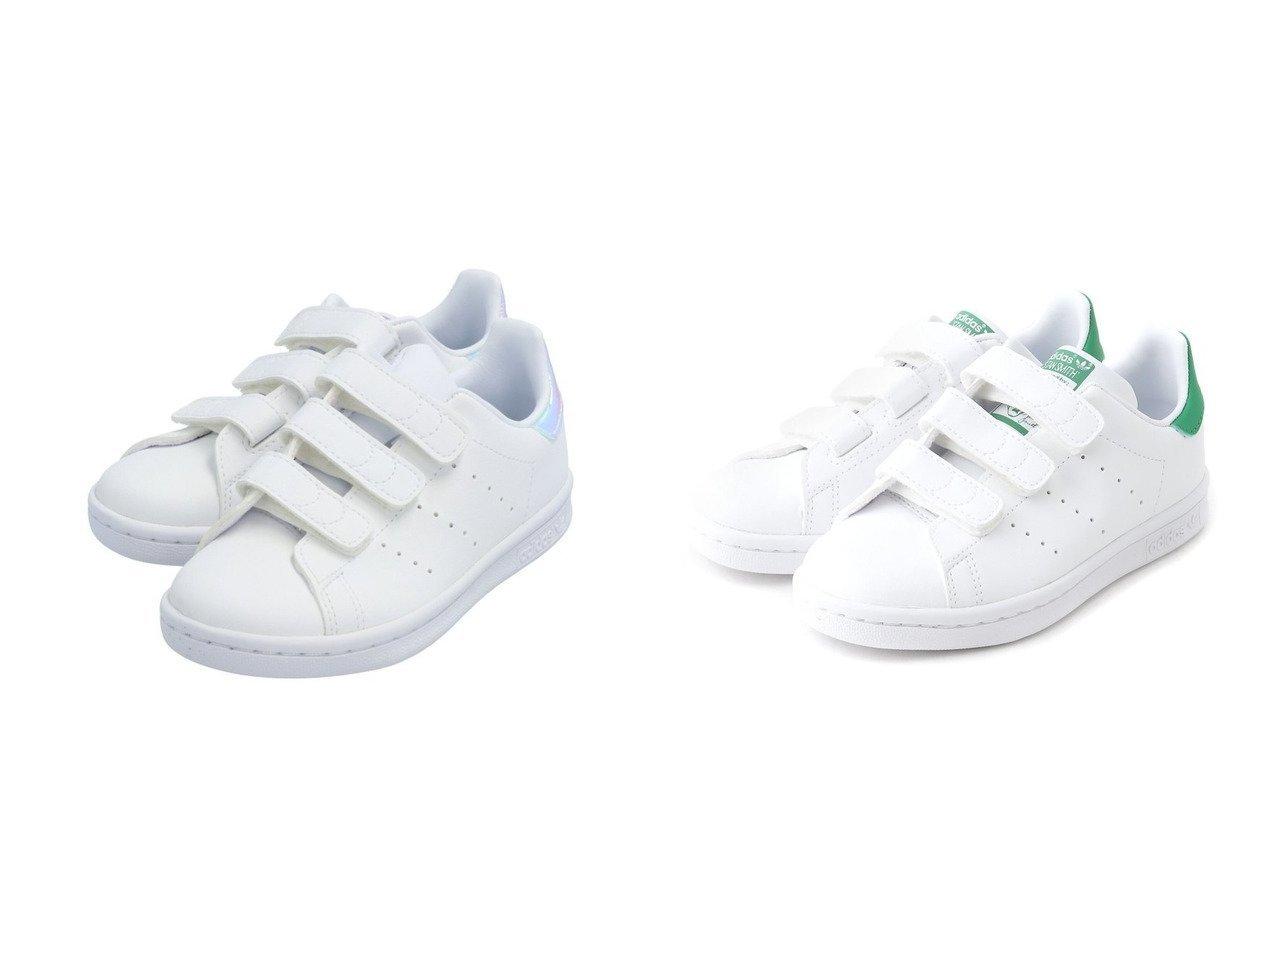 【adidas Originals / KIDS/アディダス オリジナルス】のSTAN SMITH CF C 【KIDS】子供服のおすすめ!人気トレンド・キッズファッションの通販  おすすめで人気の流行・トレンド、ファッションの通販商品 メンズファッション・キッズファッション・インテリア・家具・レディースファッション・服の通販 founy(ファニー) https://founy.com/ ファッション Fashion キッズファッション KIDS シューズ シンプル フィット ラップ レギュラー  ID:crp329100000027208